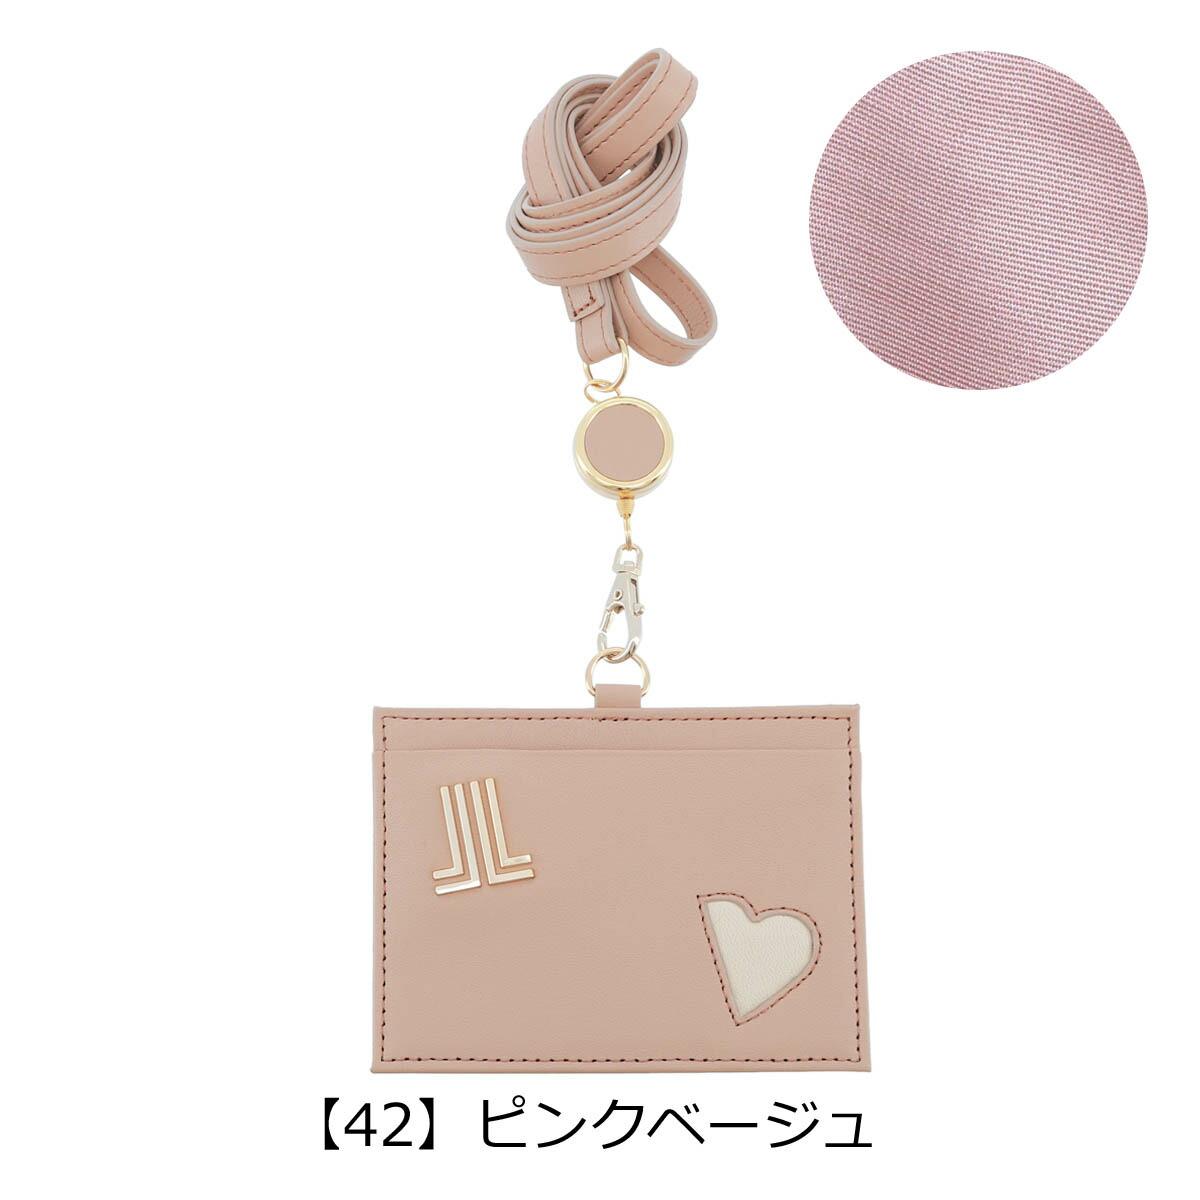 【42】ピンクベージュ